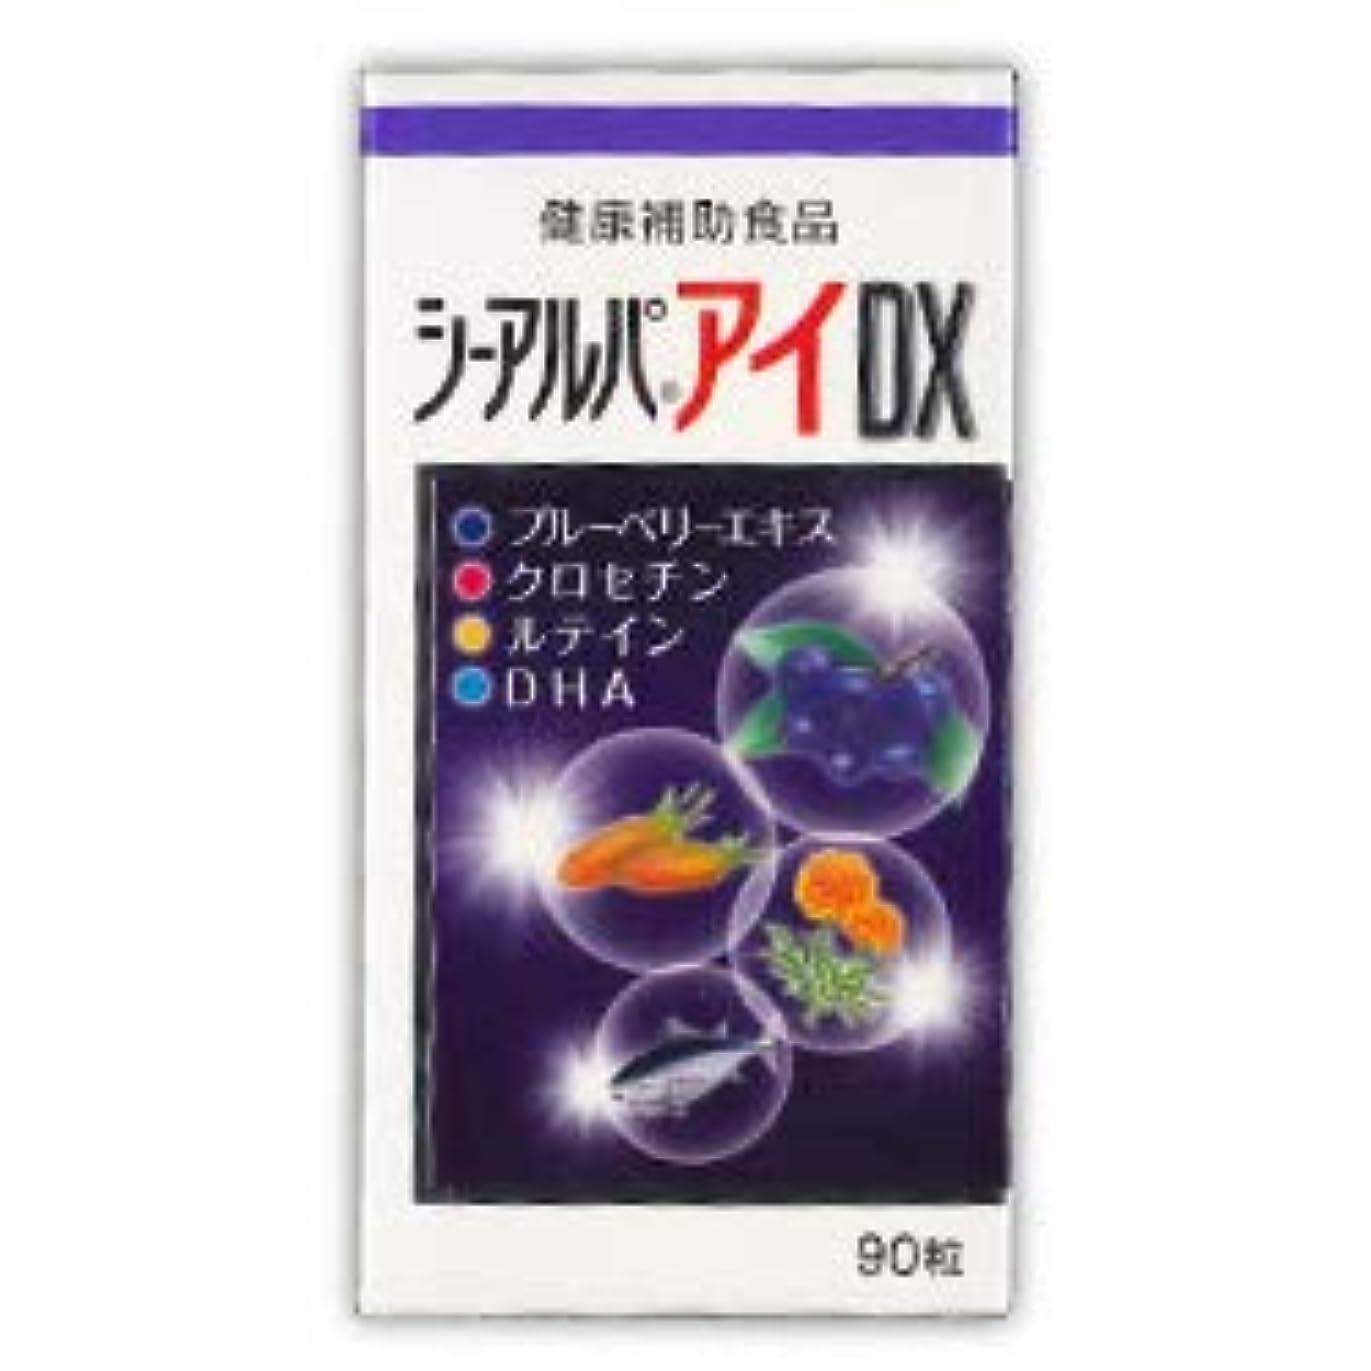 素敵な失望傾く【日水製薬】シーアルパアイDX 90粒